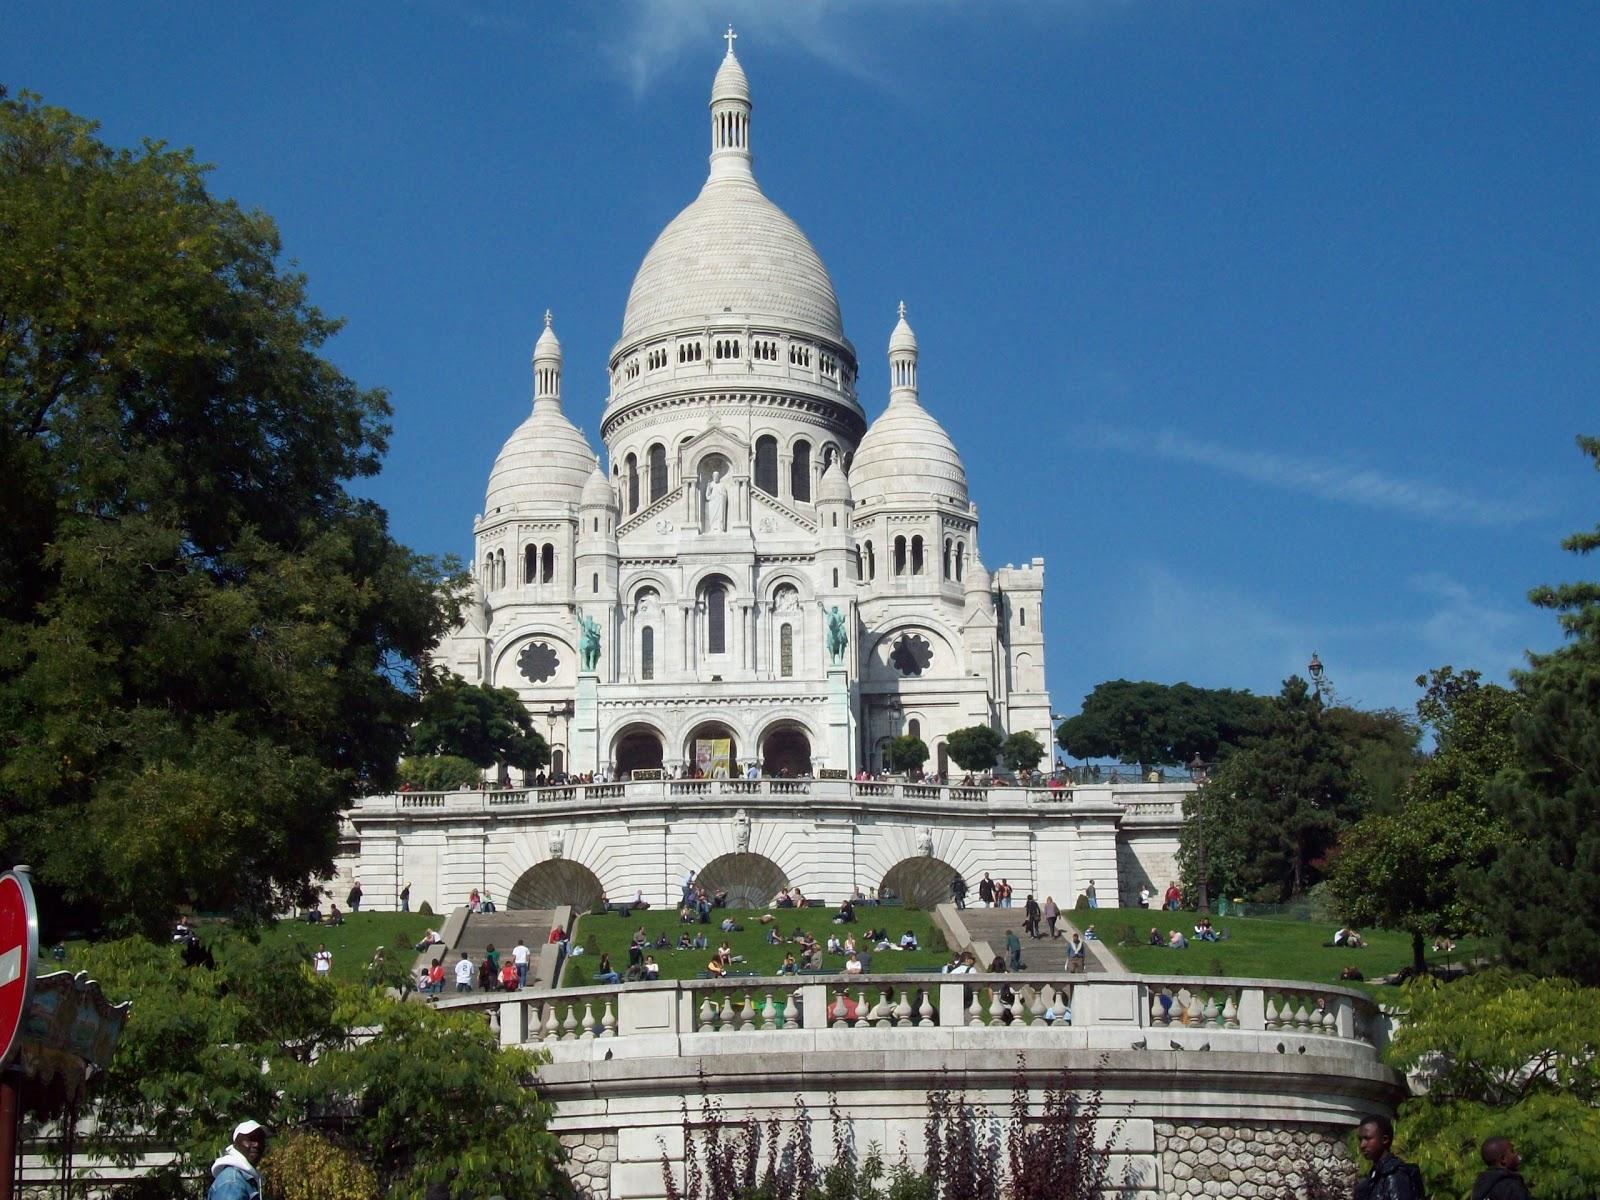 Sacro cuore ix arrondissement se non ricordo male fermata della metro